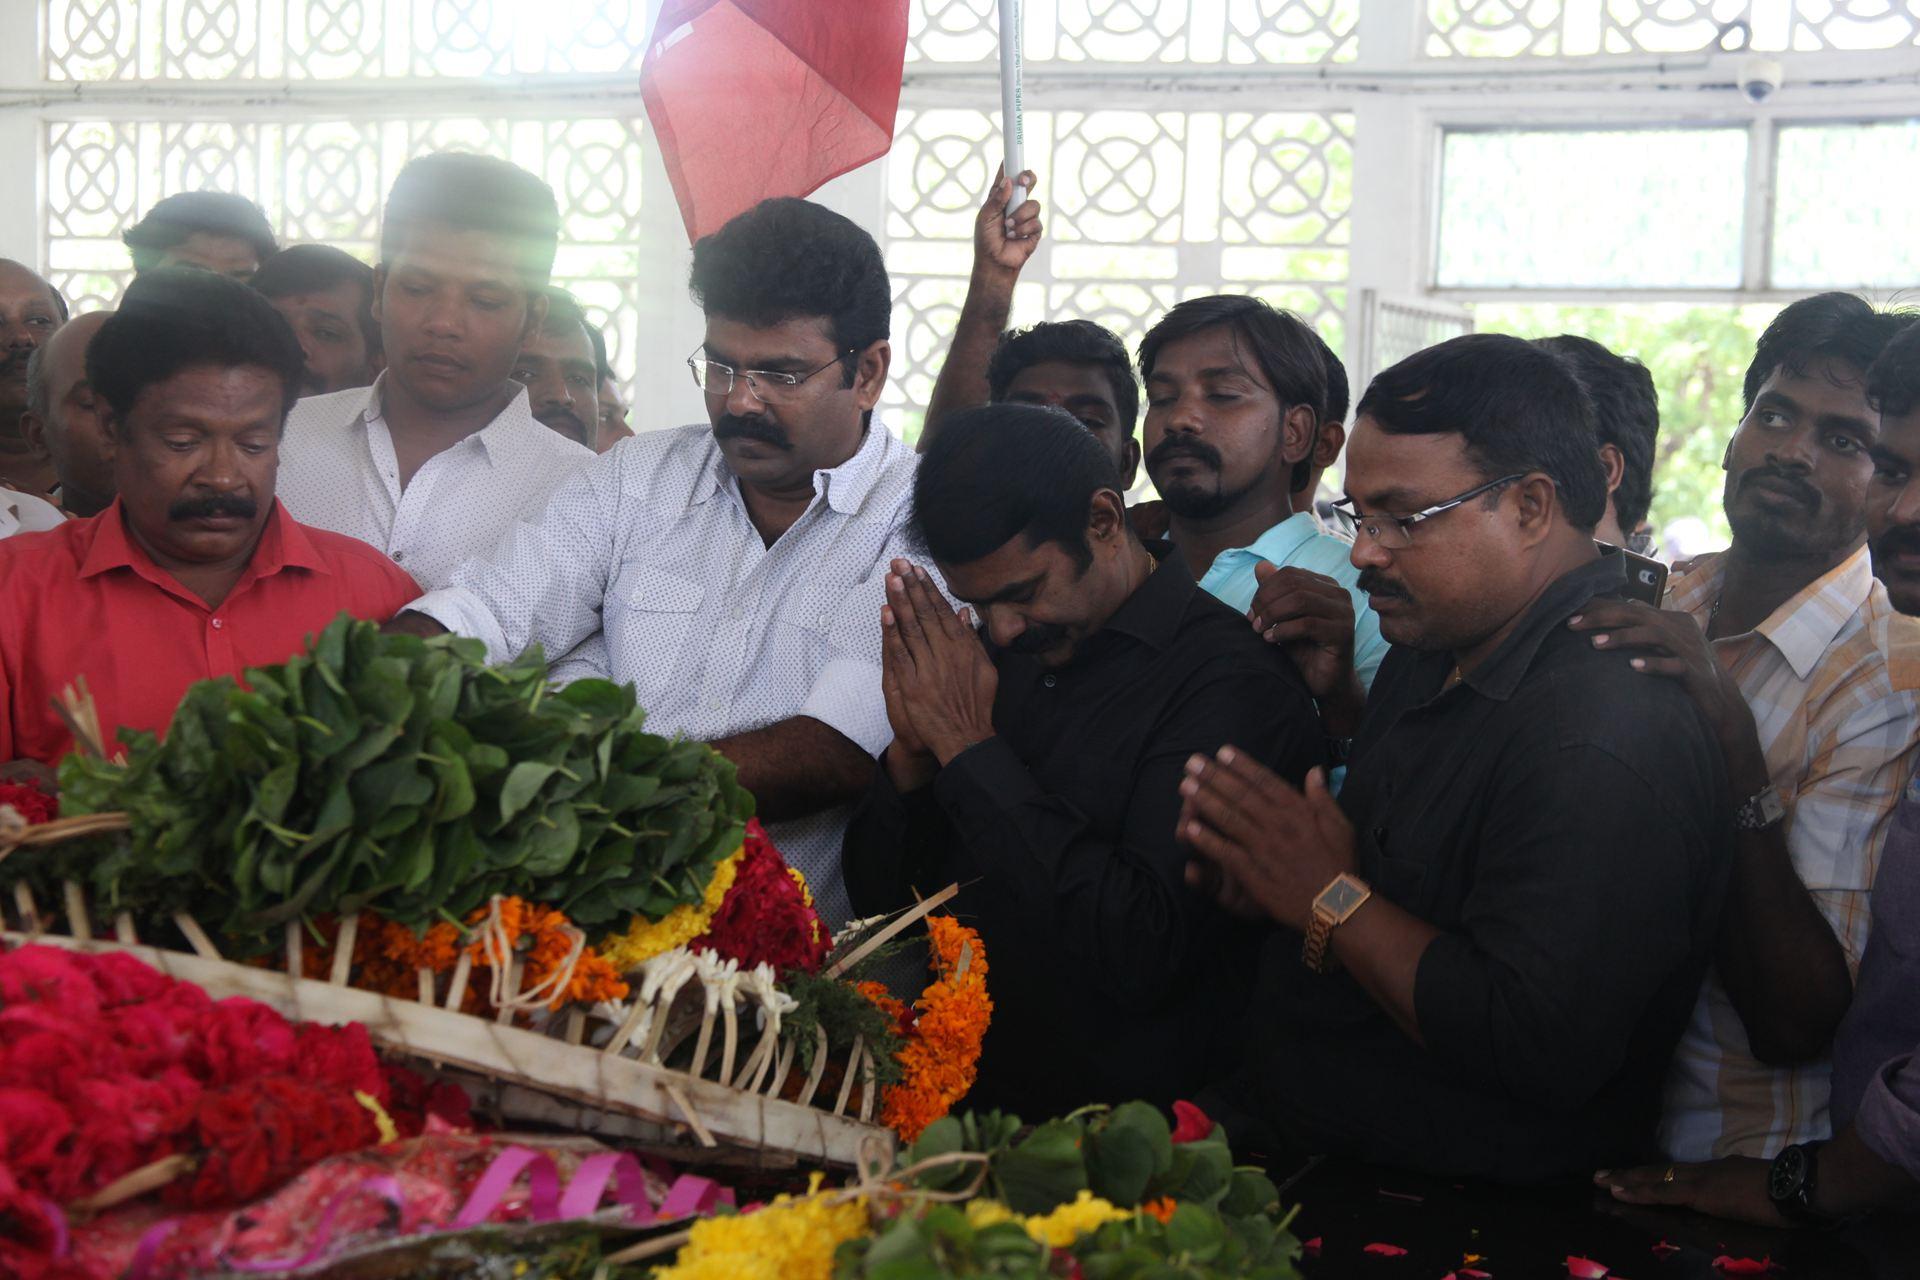 பெருந்தலைவர் காமராசர் நினைவுநாள் - மலர் வணக்க நிகழ்வு | சீமான் செய்தியாளர் சந்திப்பு